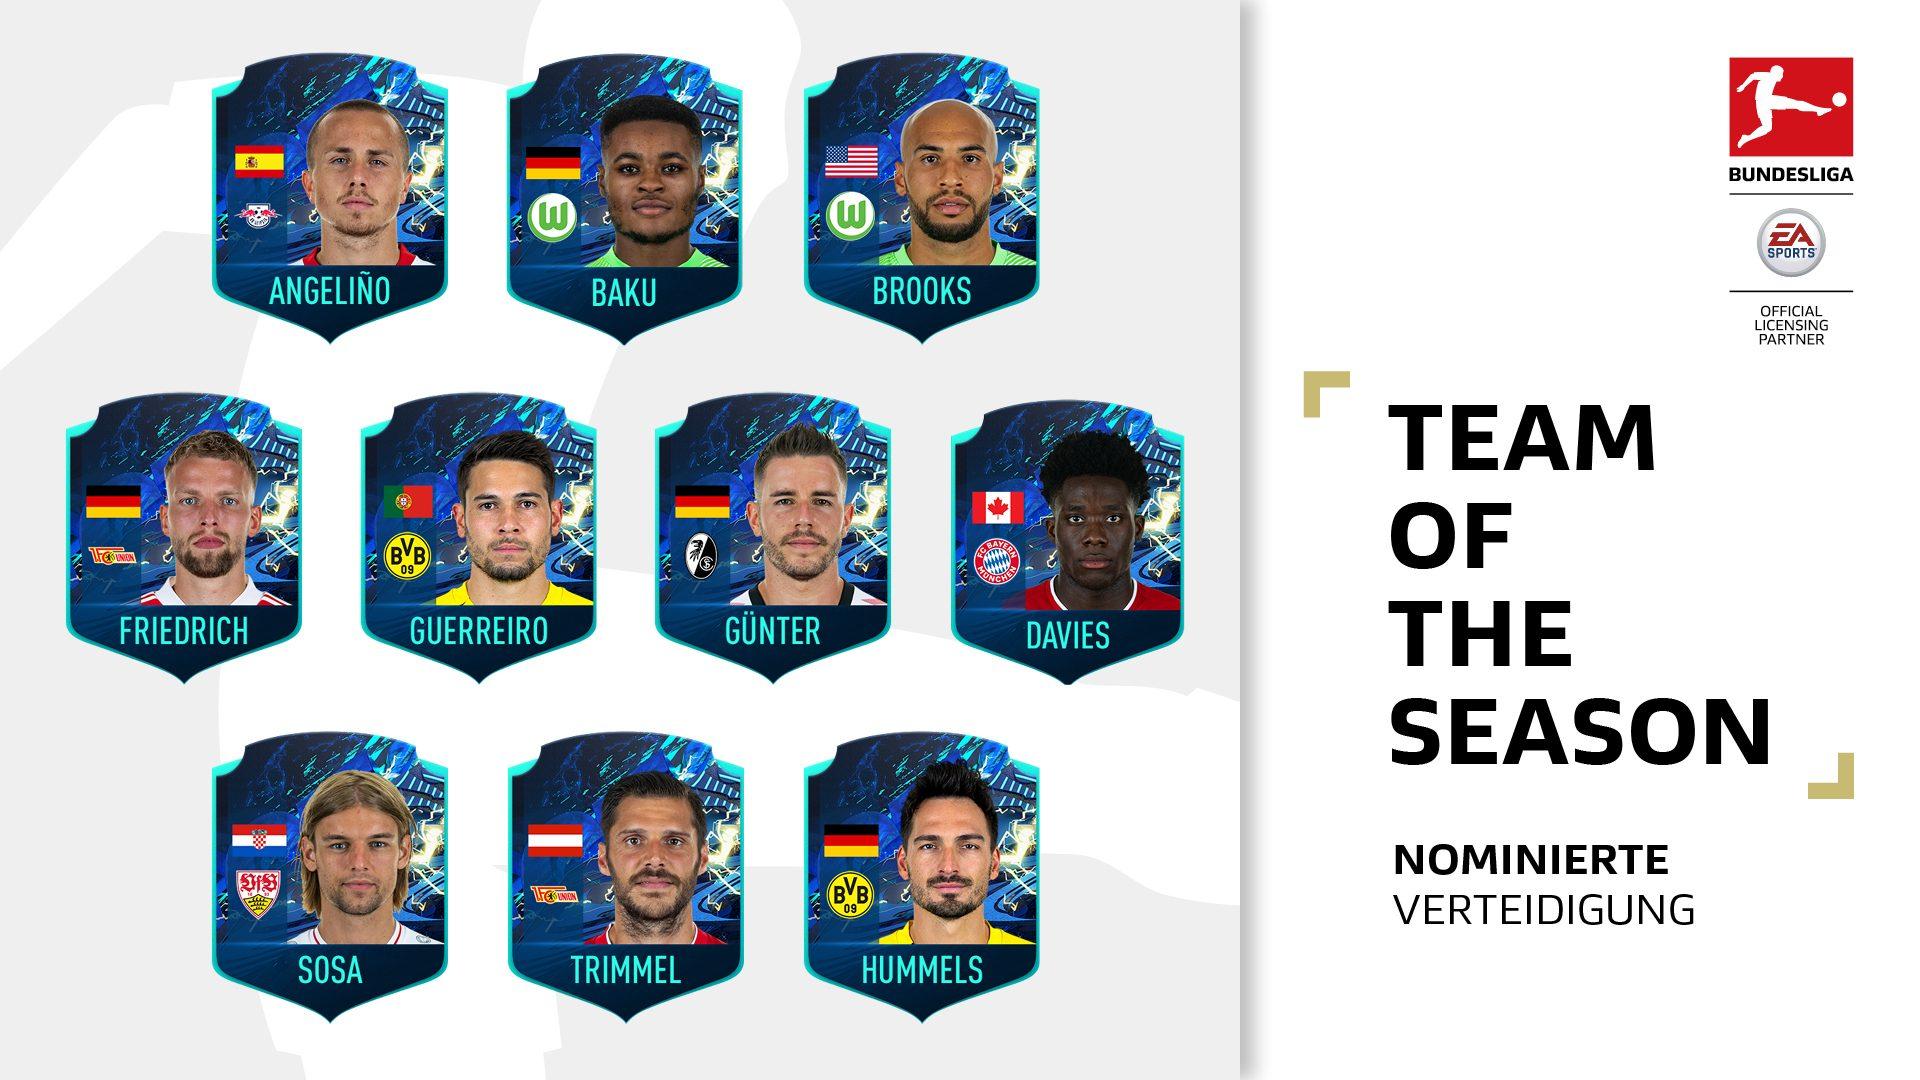 """Welche Verteidiger gehören ins """"Team of the Season""""?"""